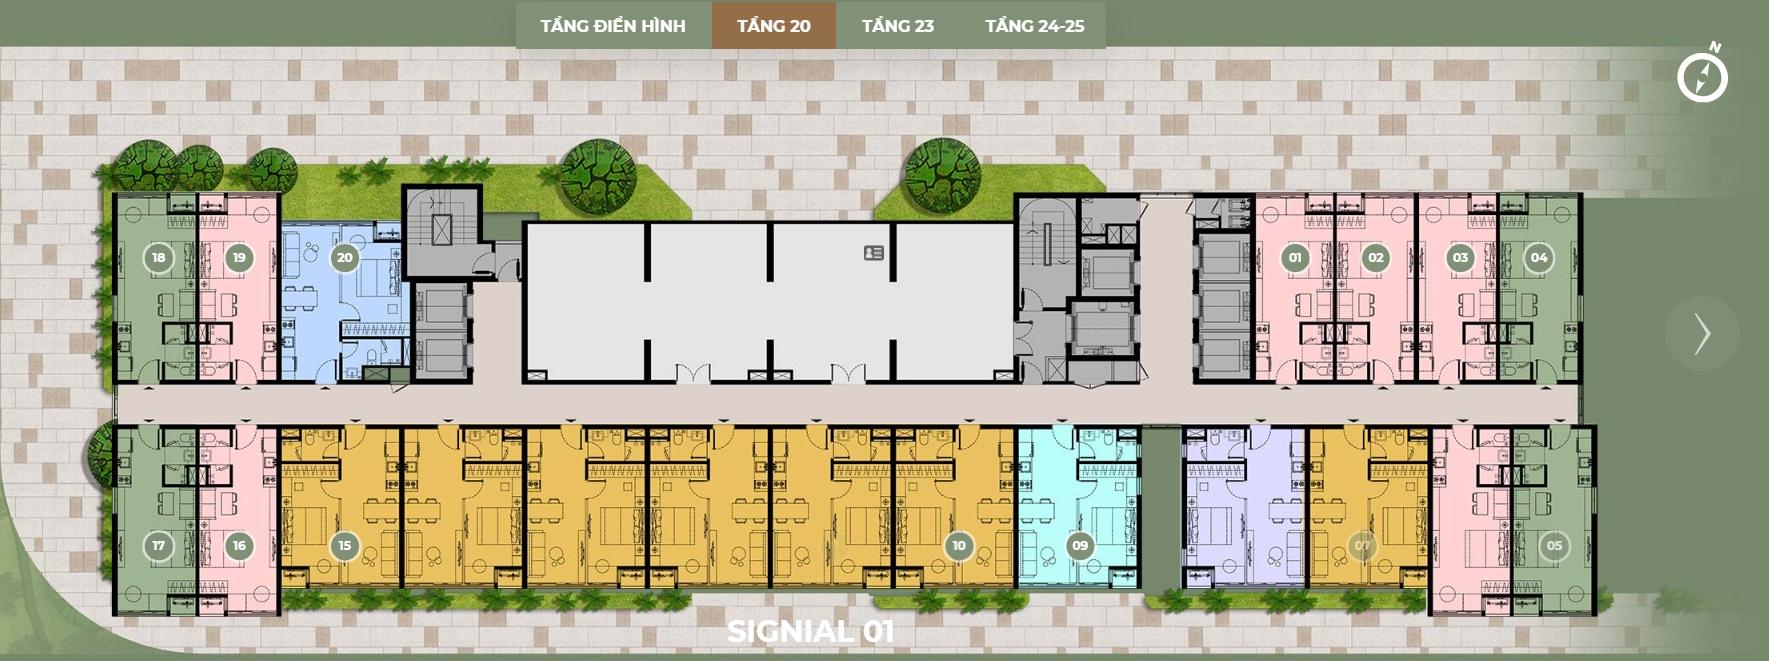 Mặt bằng thiết kế S1 tầng 20 dự án Smartel Signial quận 7.